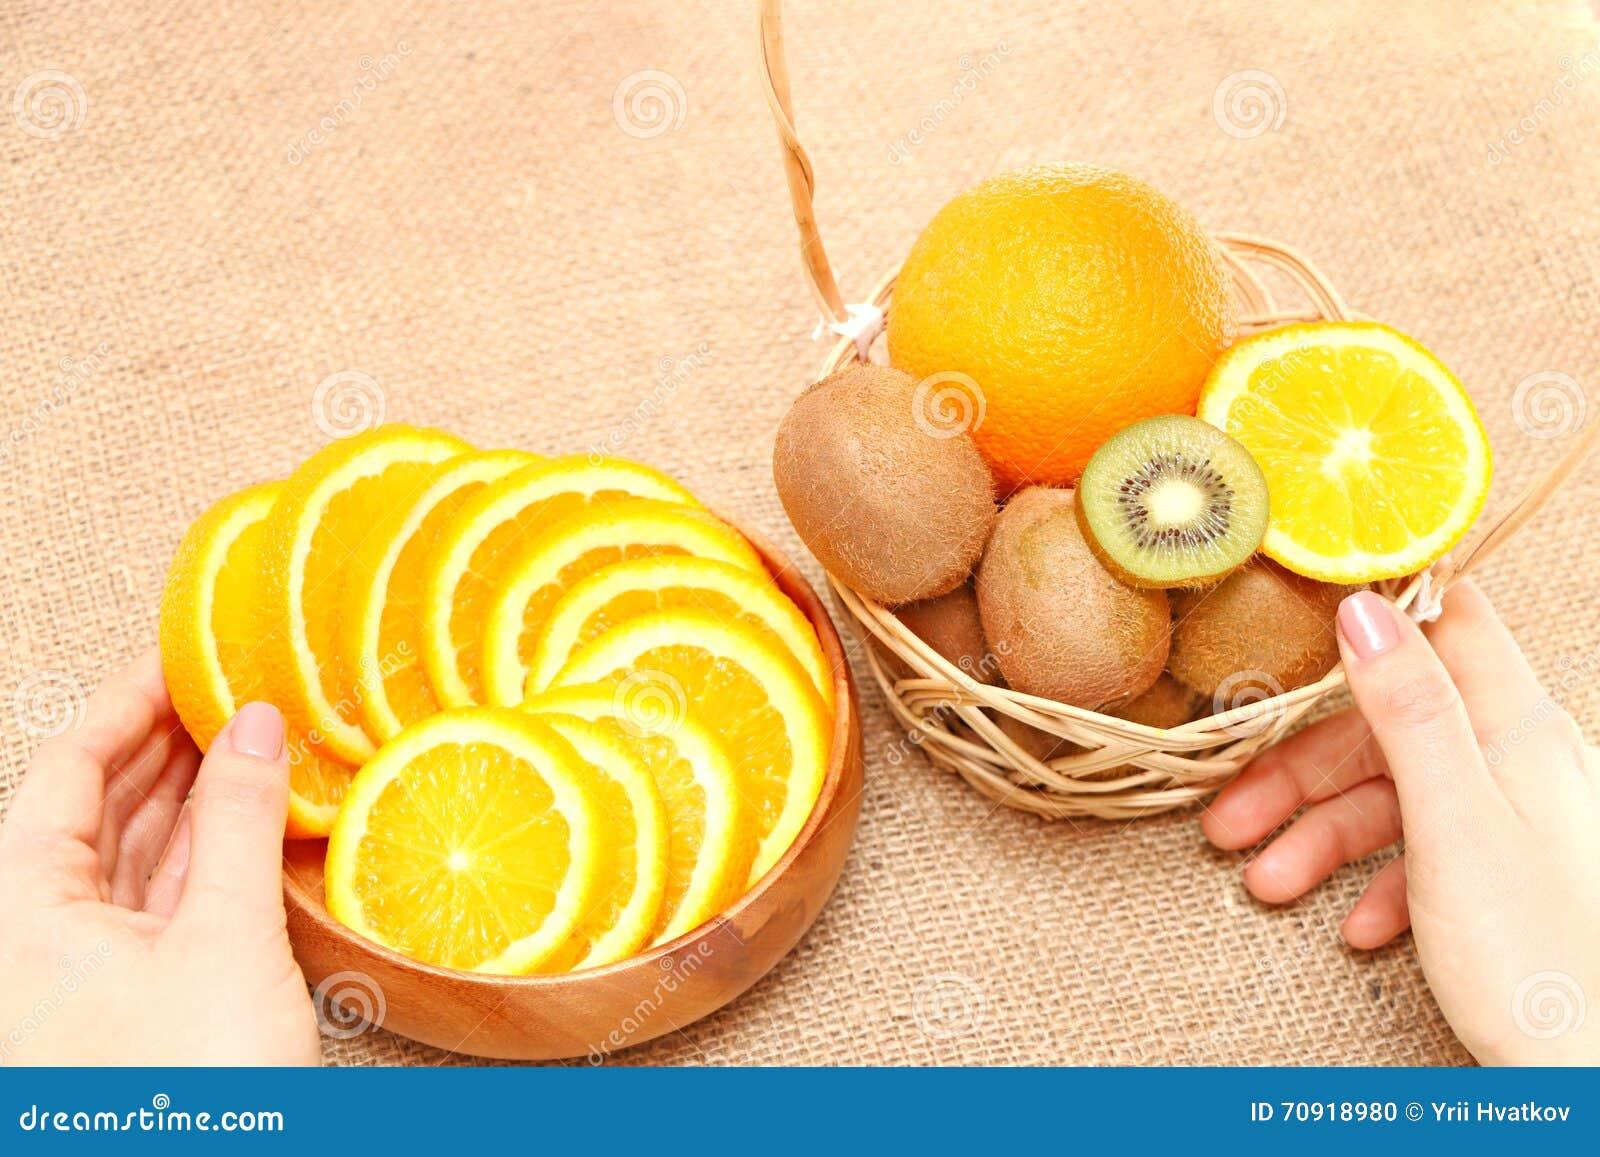 Owoc w pucharze trzyma ręki na naczyniach drewnianym koszu i,